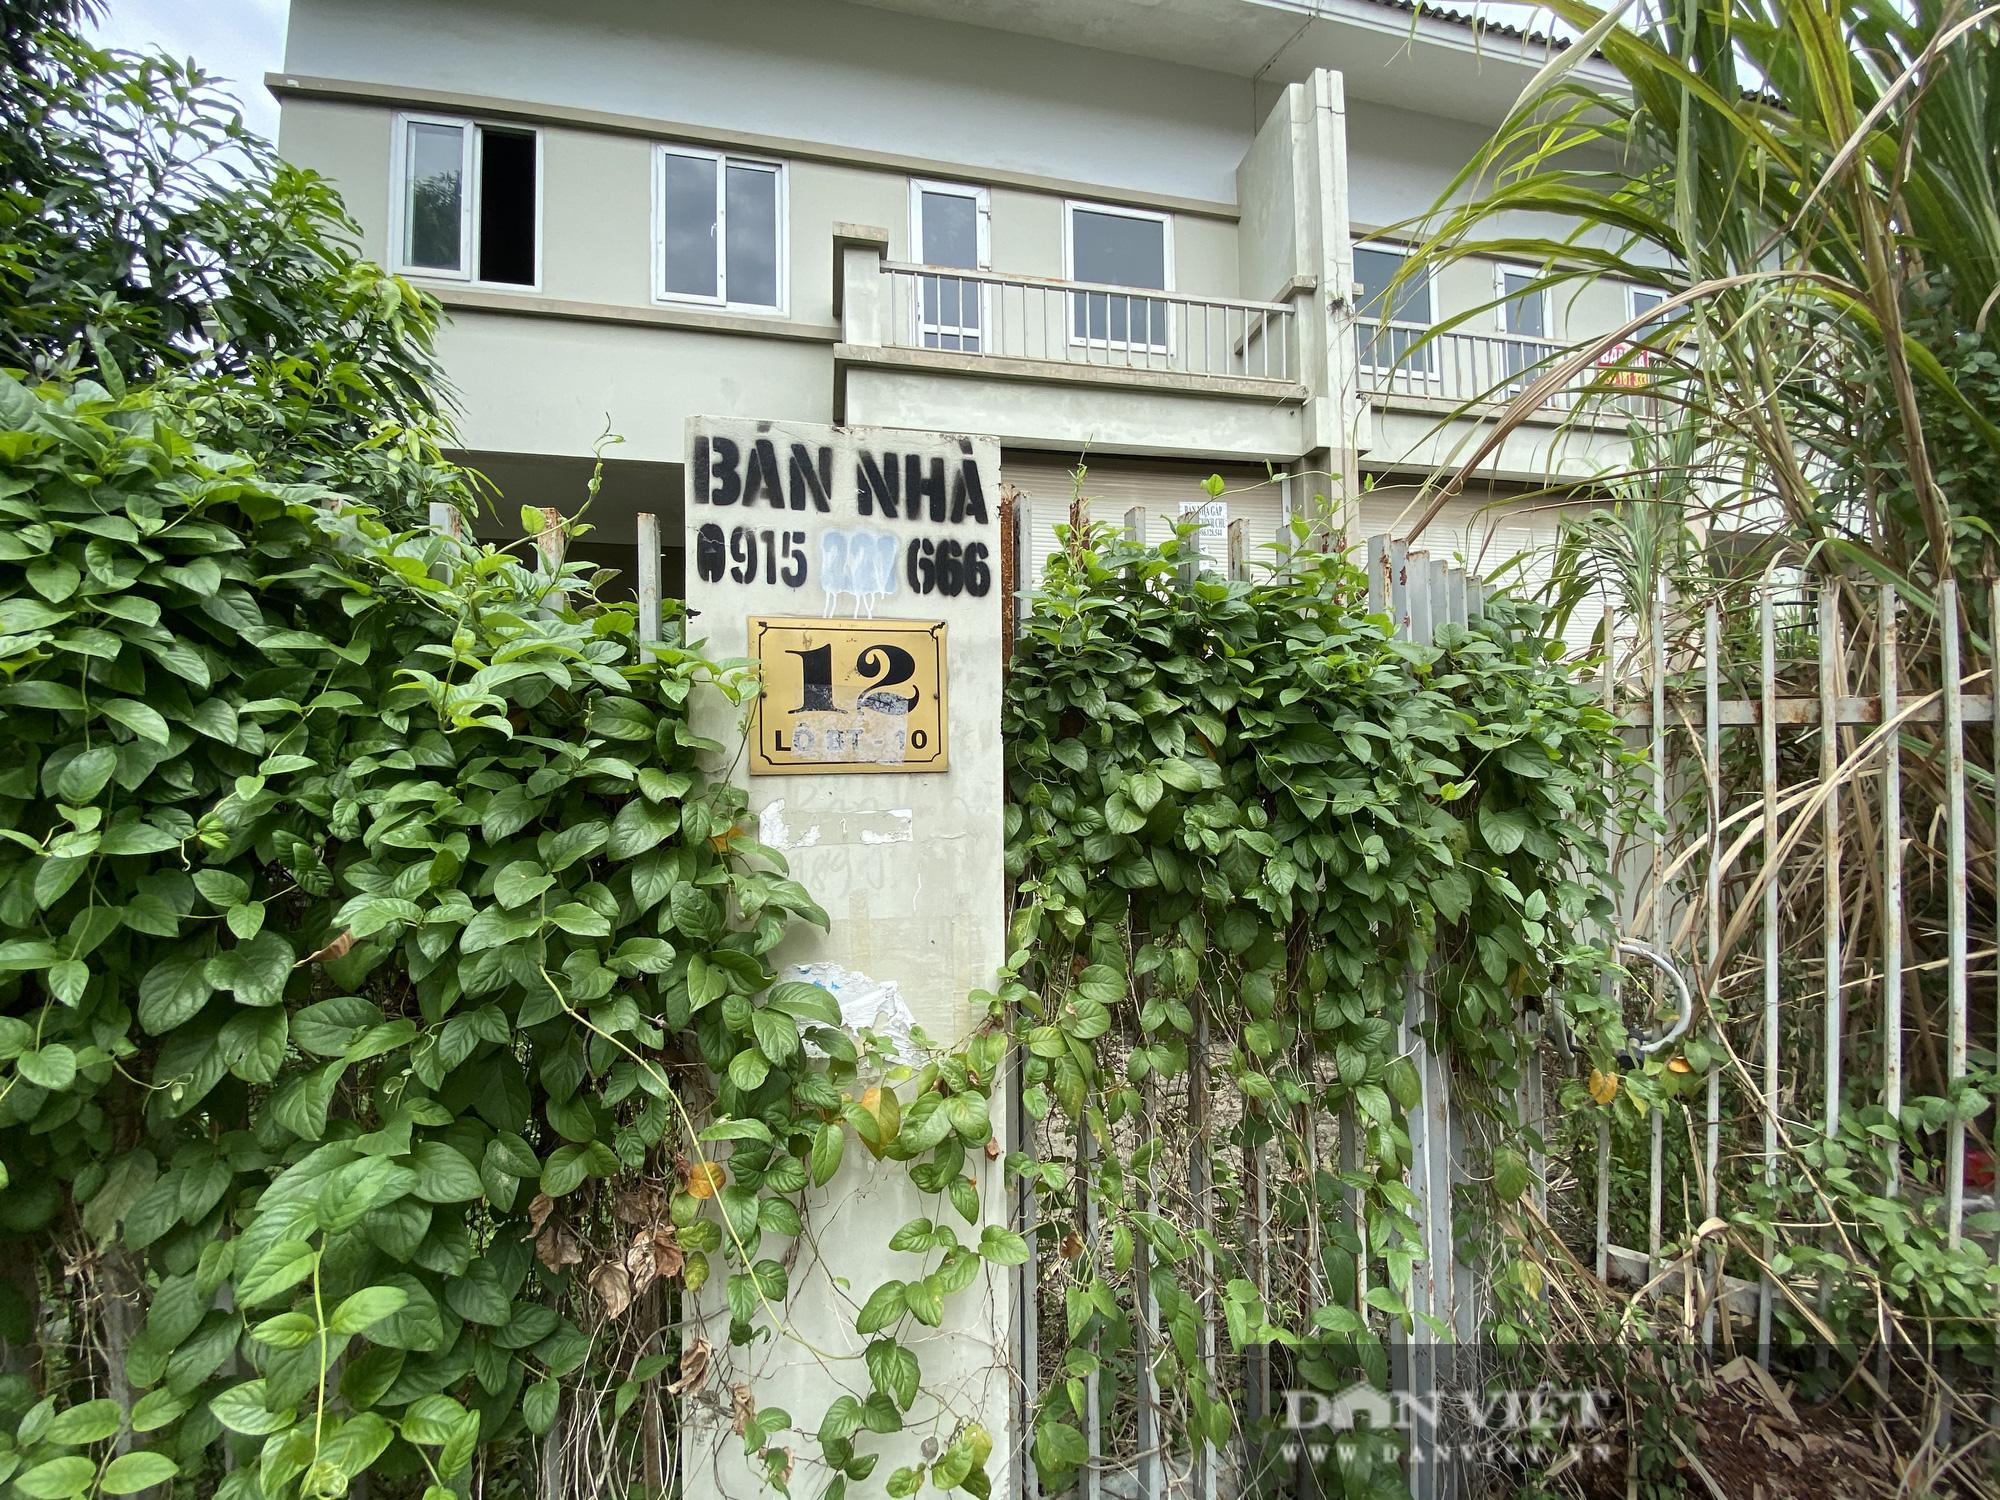 La liệt biệt thự chục tỷ đồng bỏ hoang ở Hà Nội - Ảnh 9.